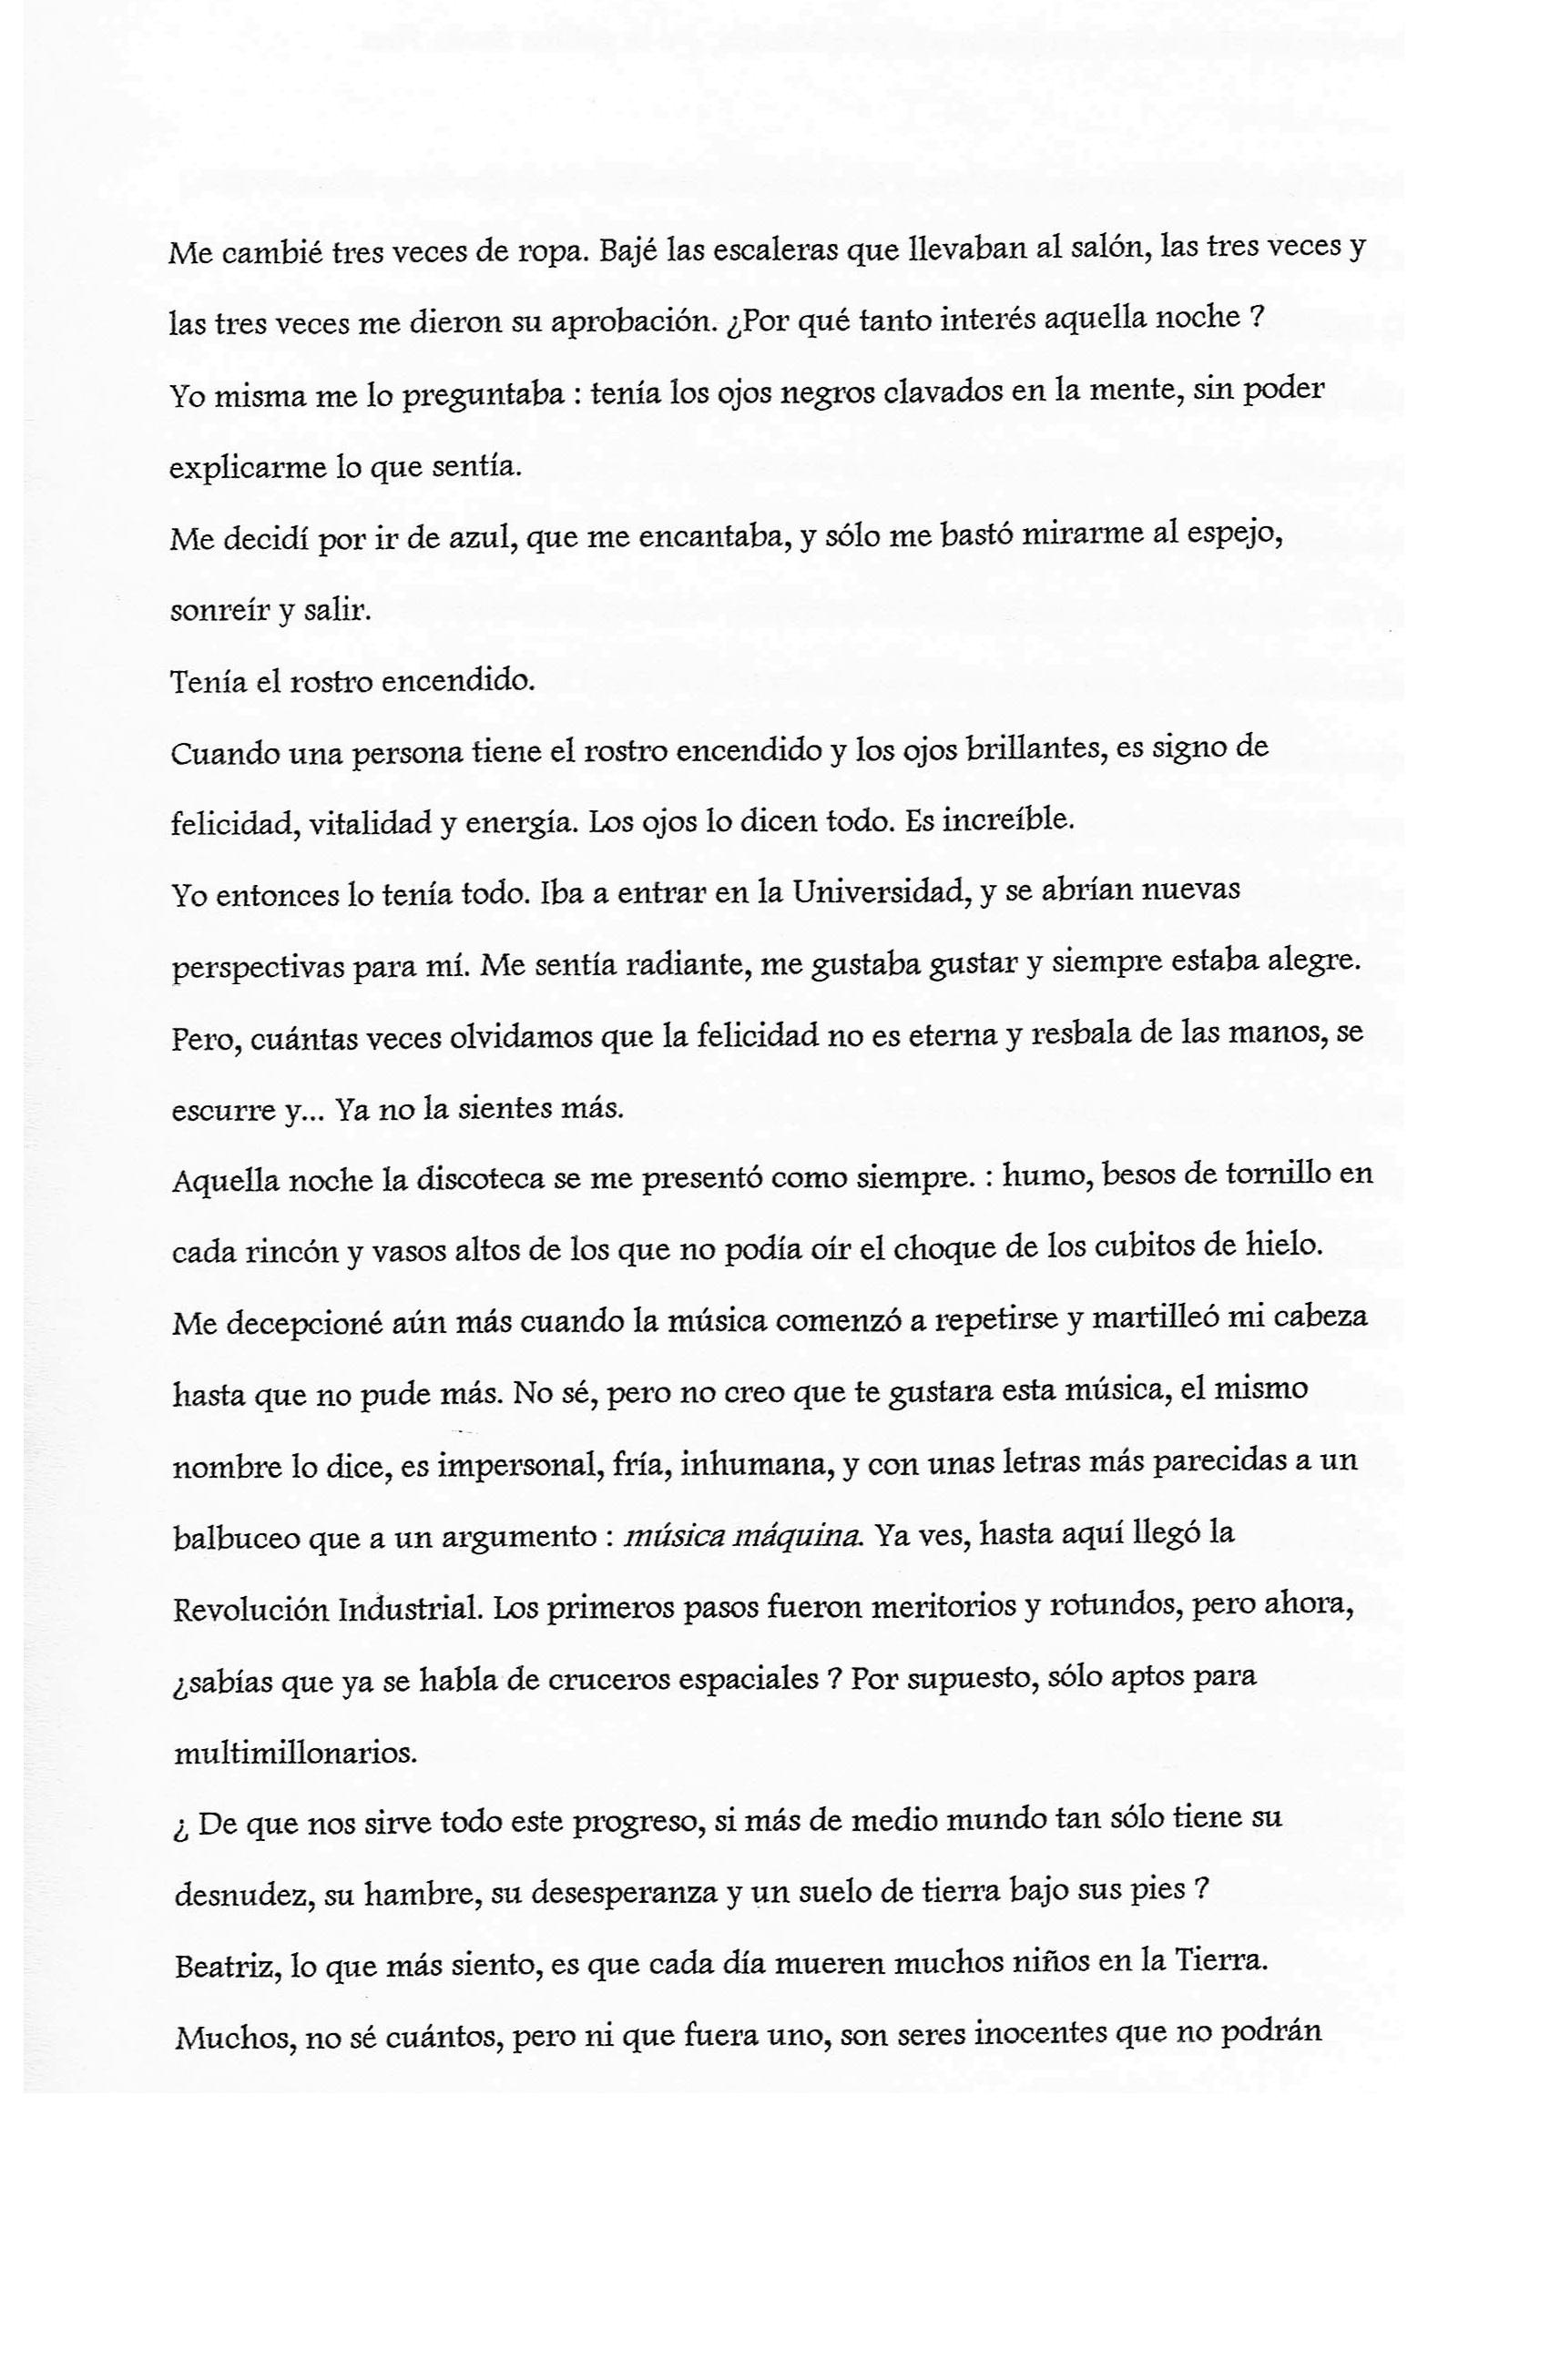 Ciudad Real, city from La Mancha, center of Spain, birthplace of El Quijote  and his creator Cervantes. Archivado dentro de Uncategorized ...